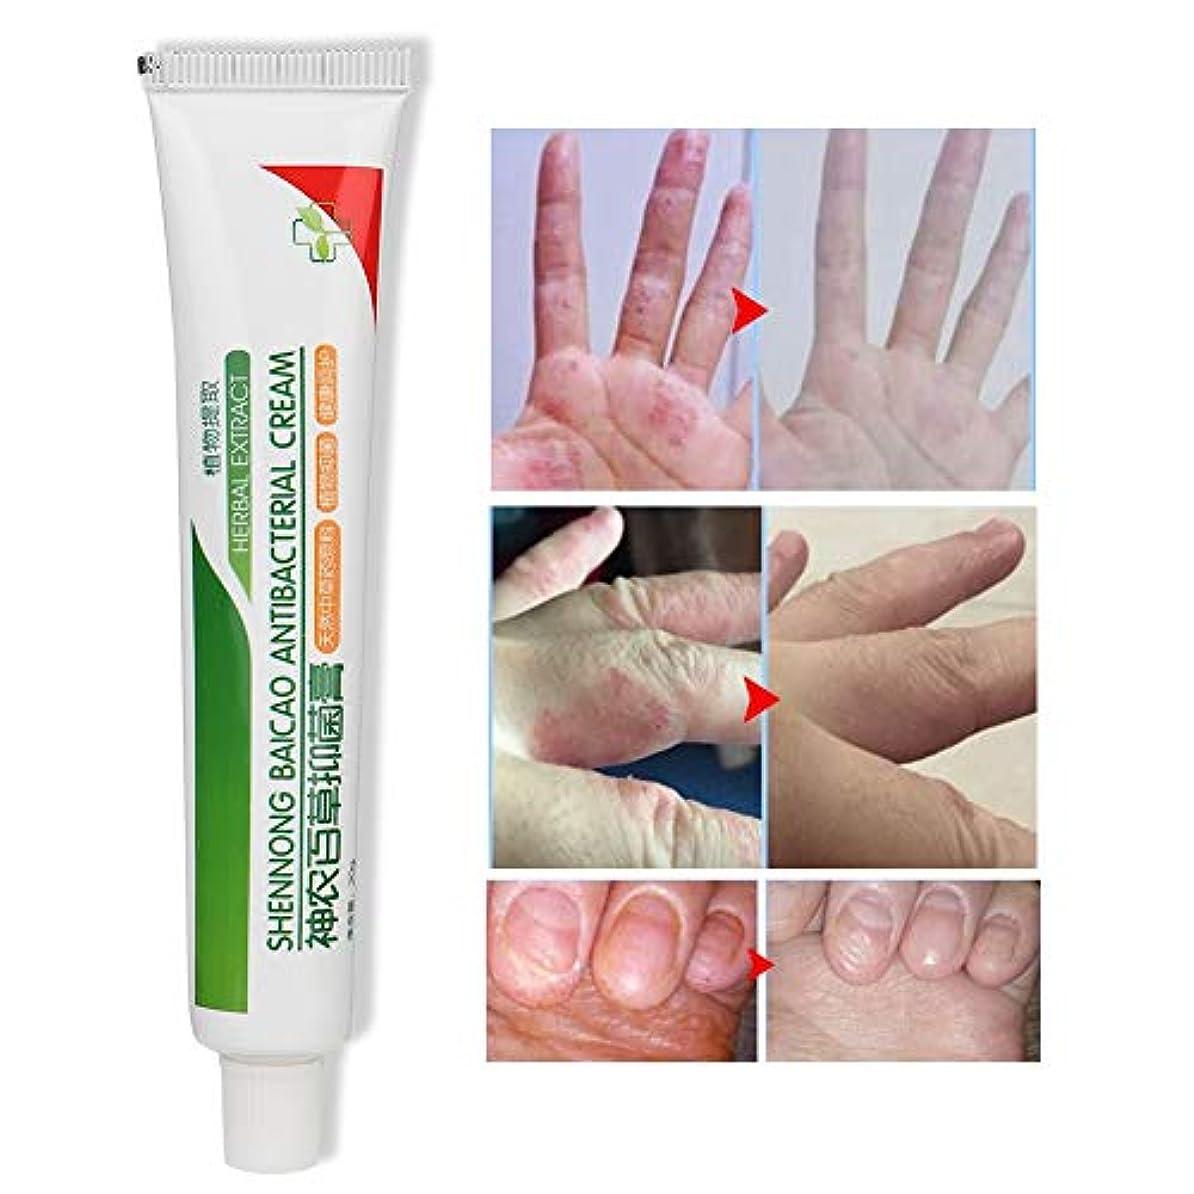 キリスト教会話早い皮膚軟膏のリペアクリームリリーフ掻uri症皮膚アレルギー蚊かみ傷乾燥ひび割れ皮植物クリーム20g